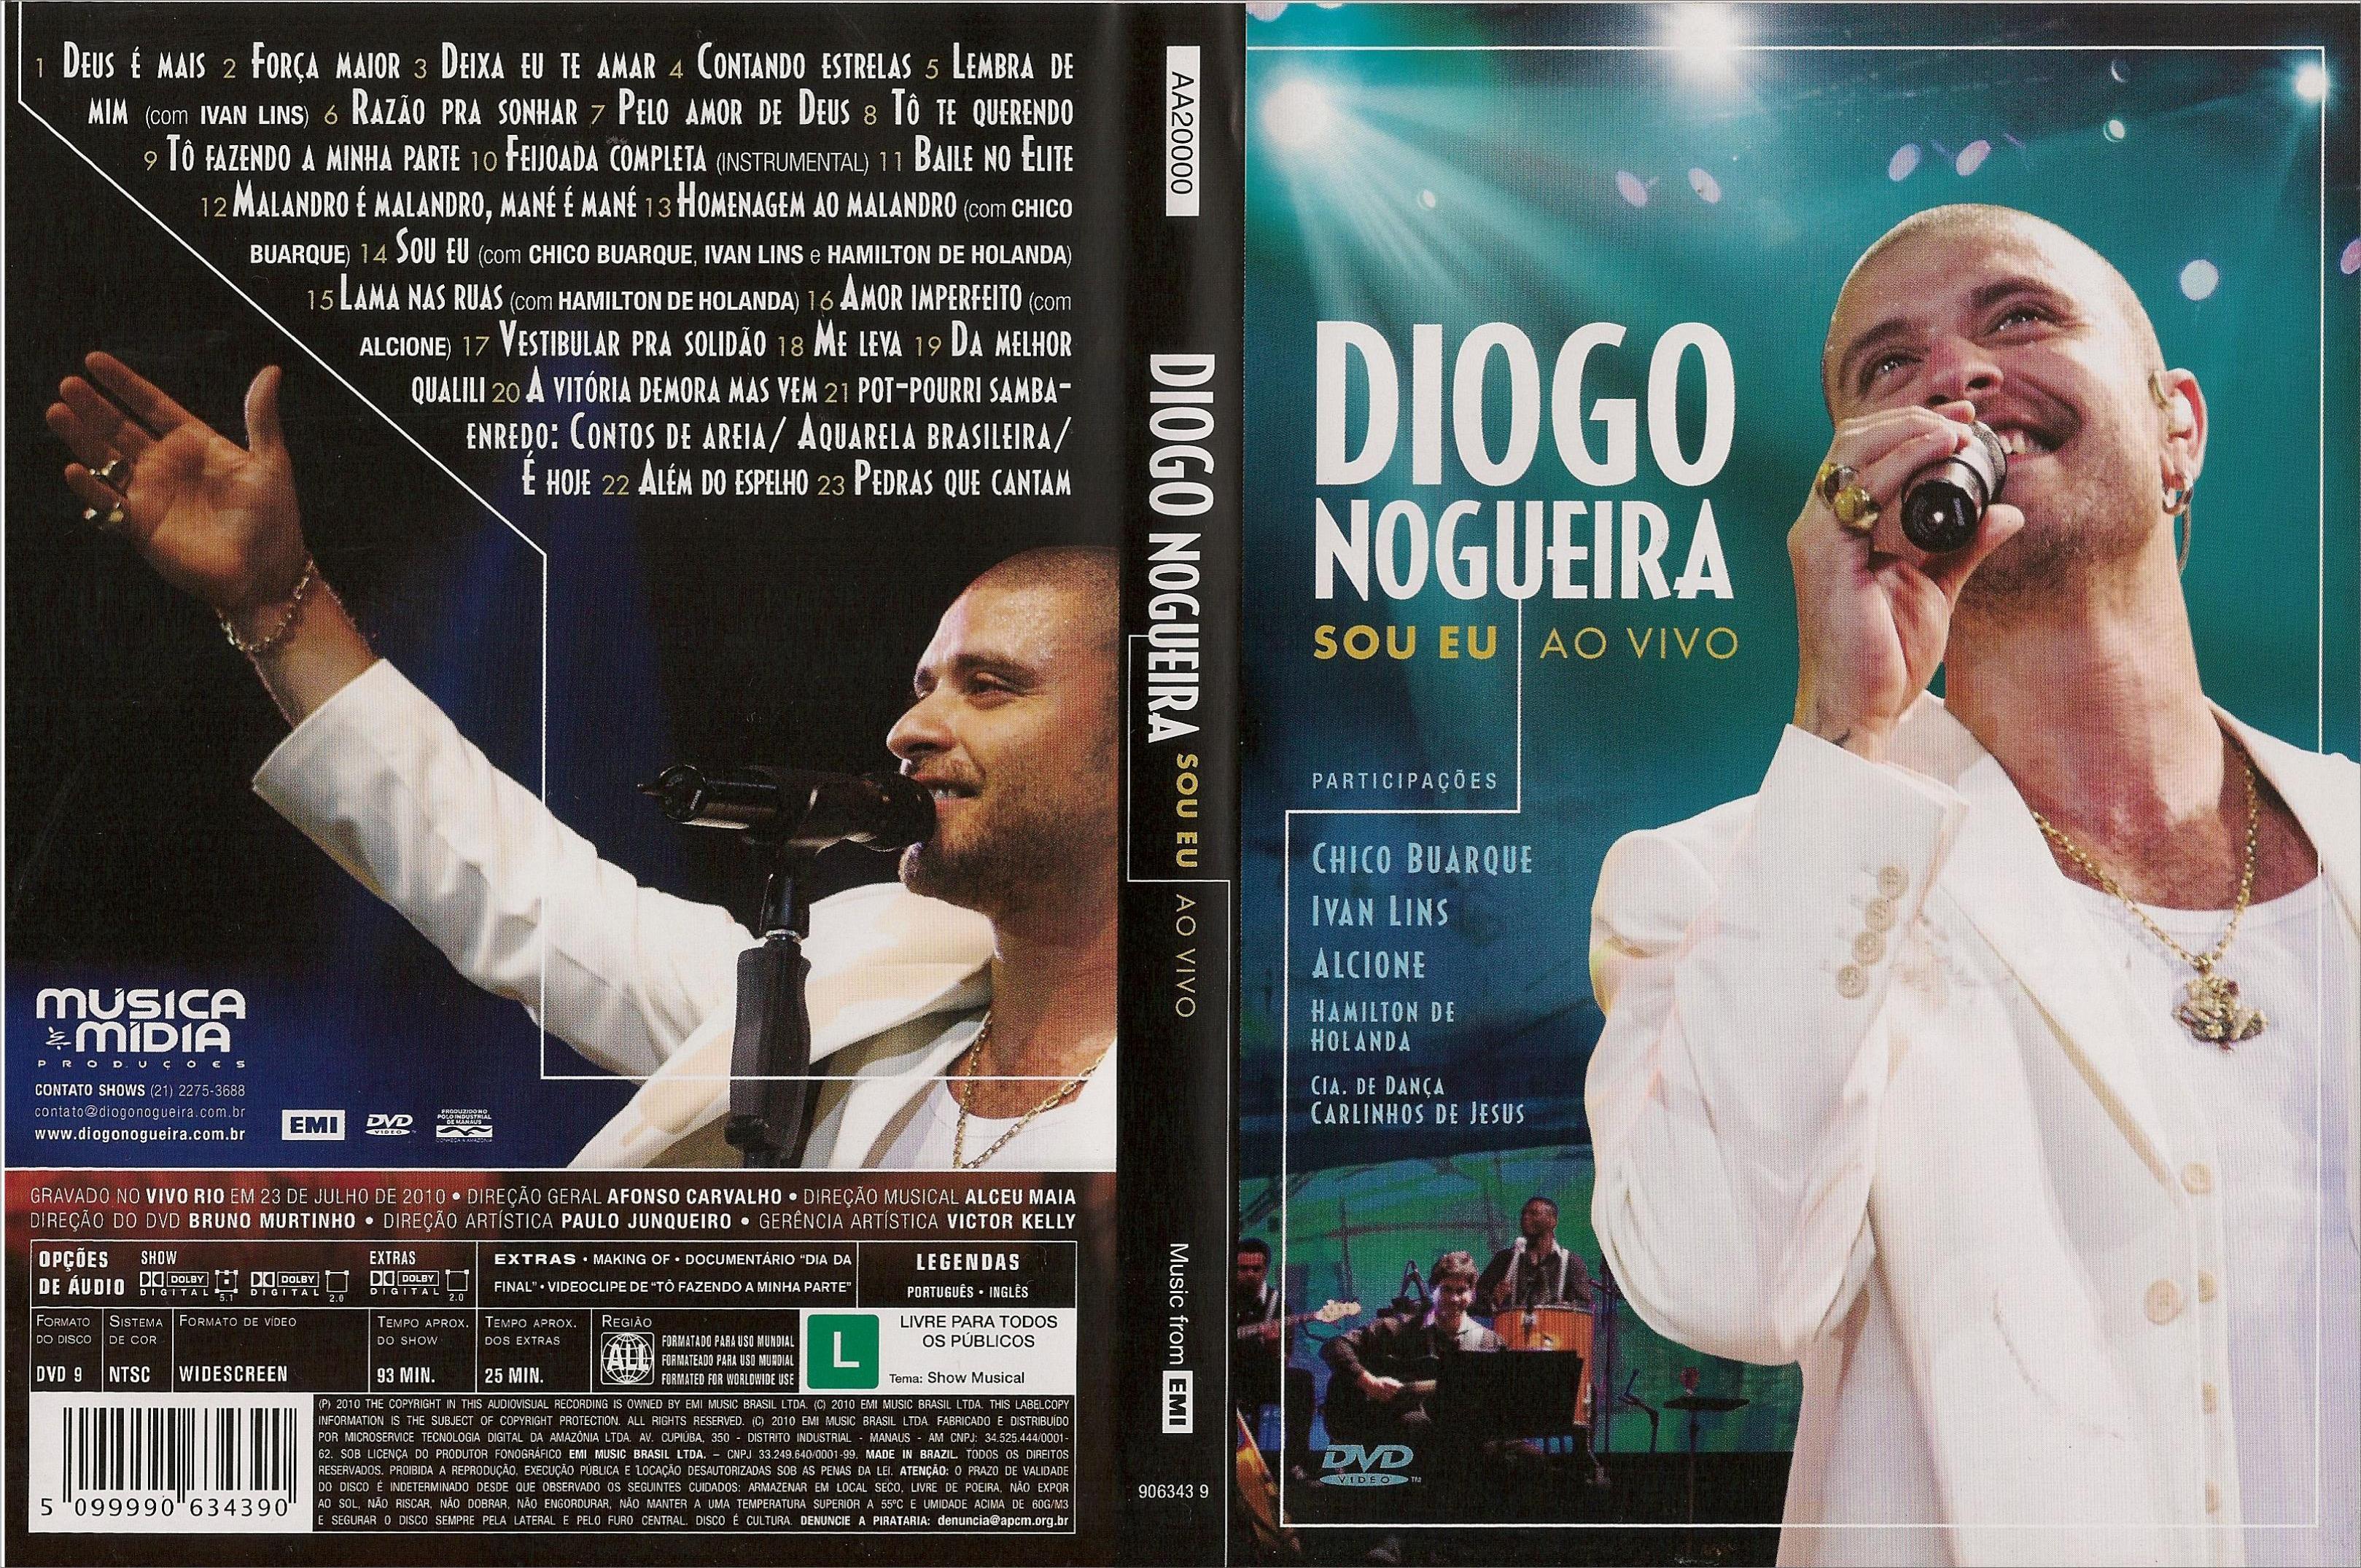 DiogoNogueiraSouEu